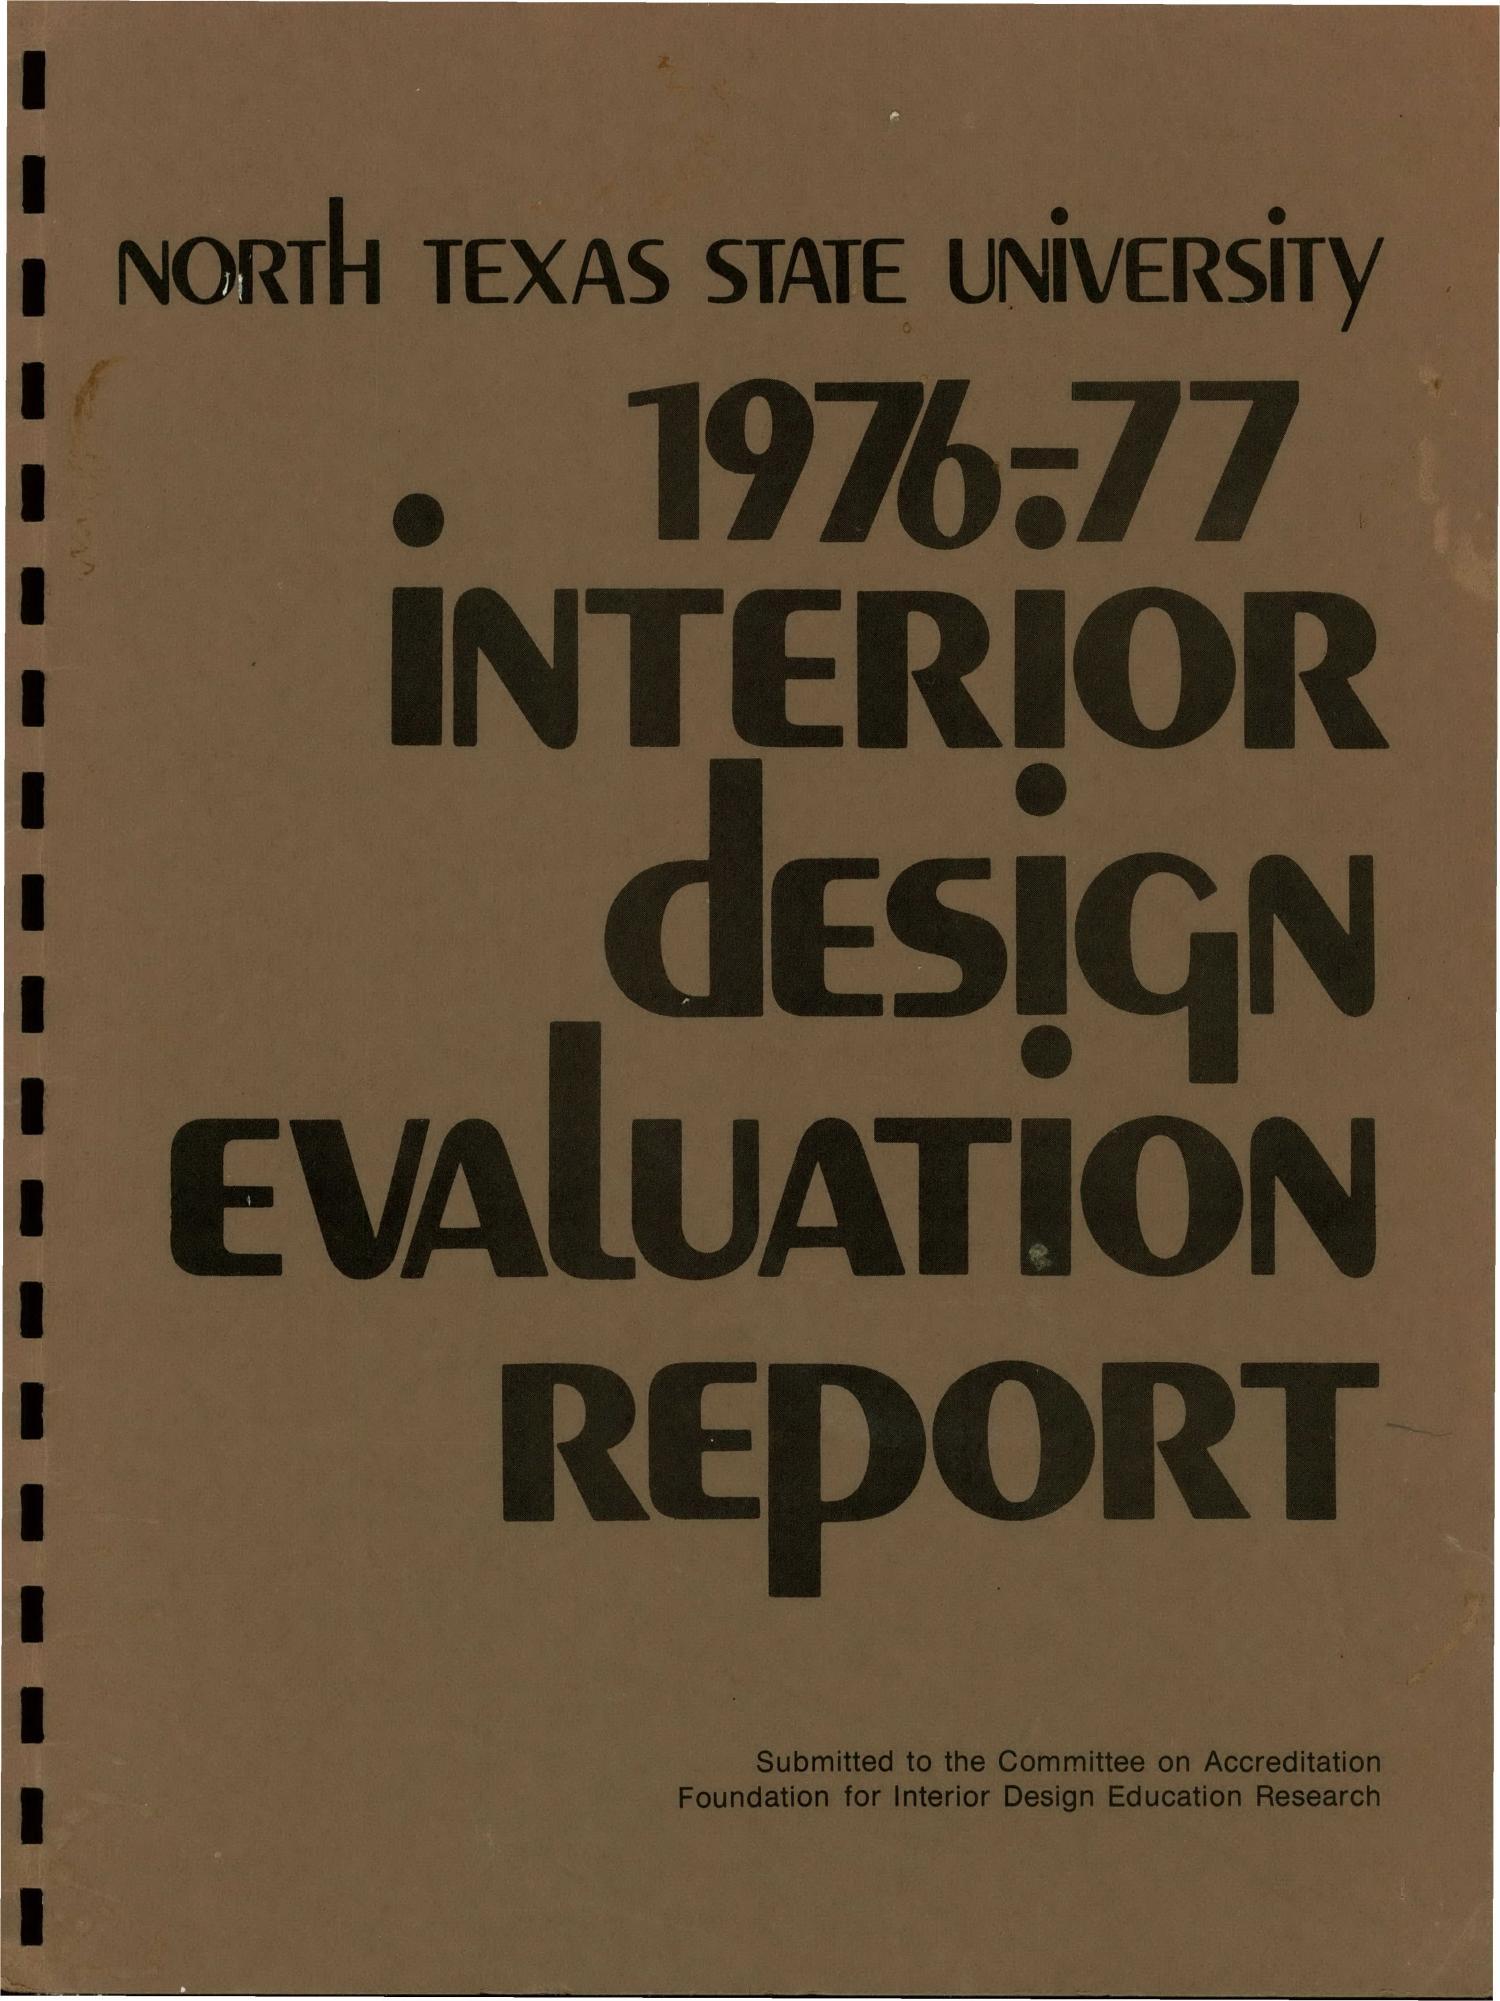 North Texas State University Interior Design Department Report Evaluation 1976 77